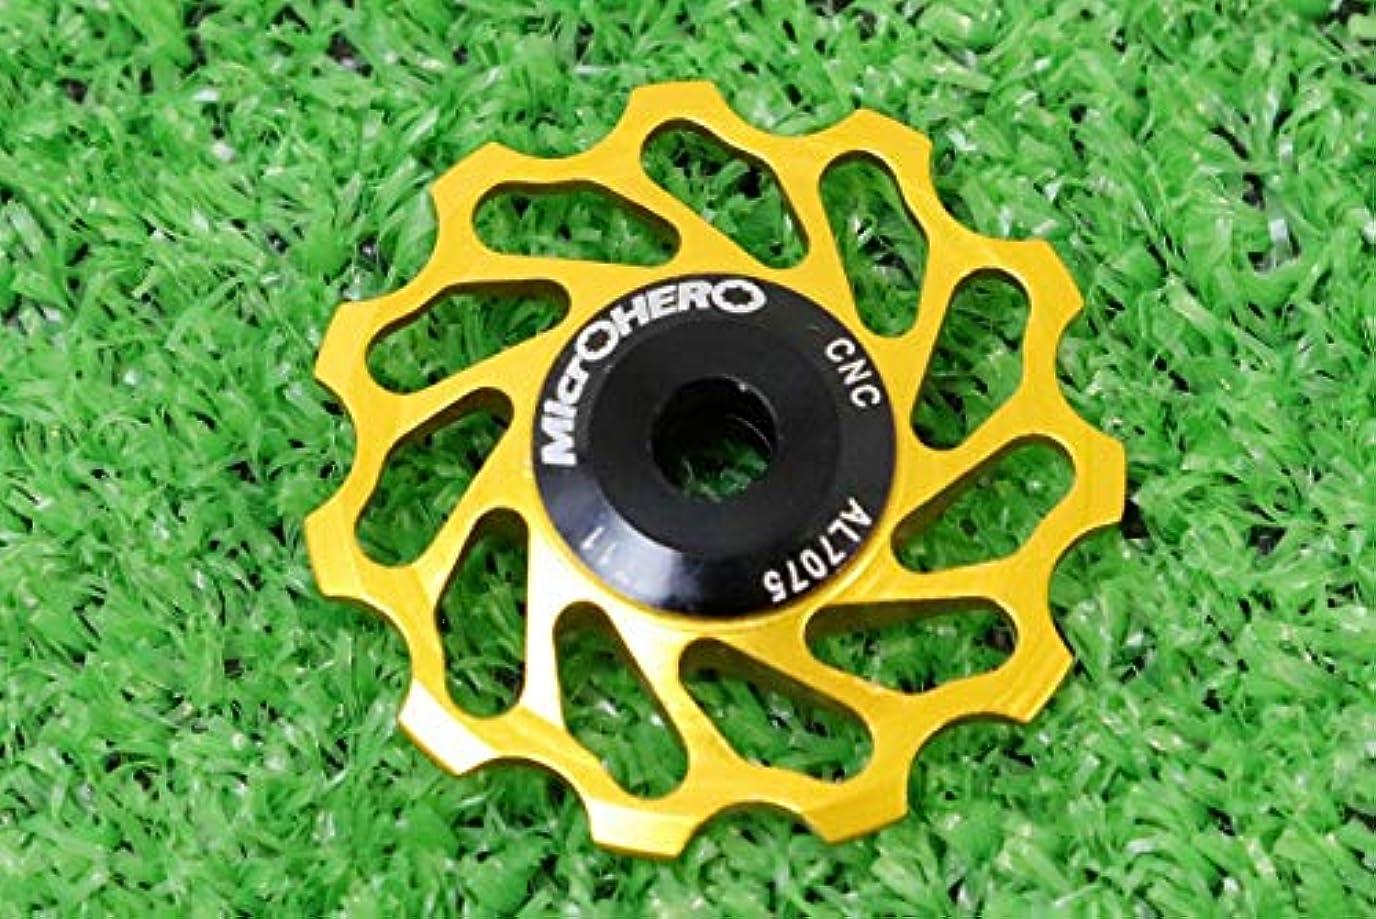 手書き意義購入マイクロヒーロー MicrOHERO セラミックベアリング アルミ プーリー 11T  ゴールド 自転車パーツ